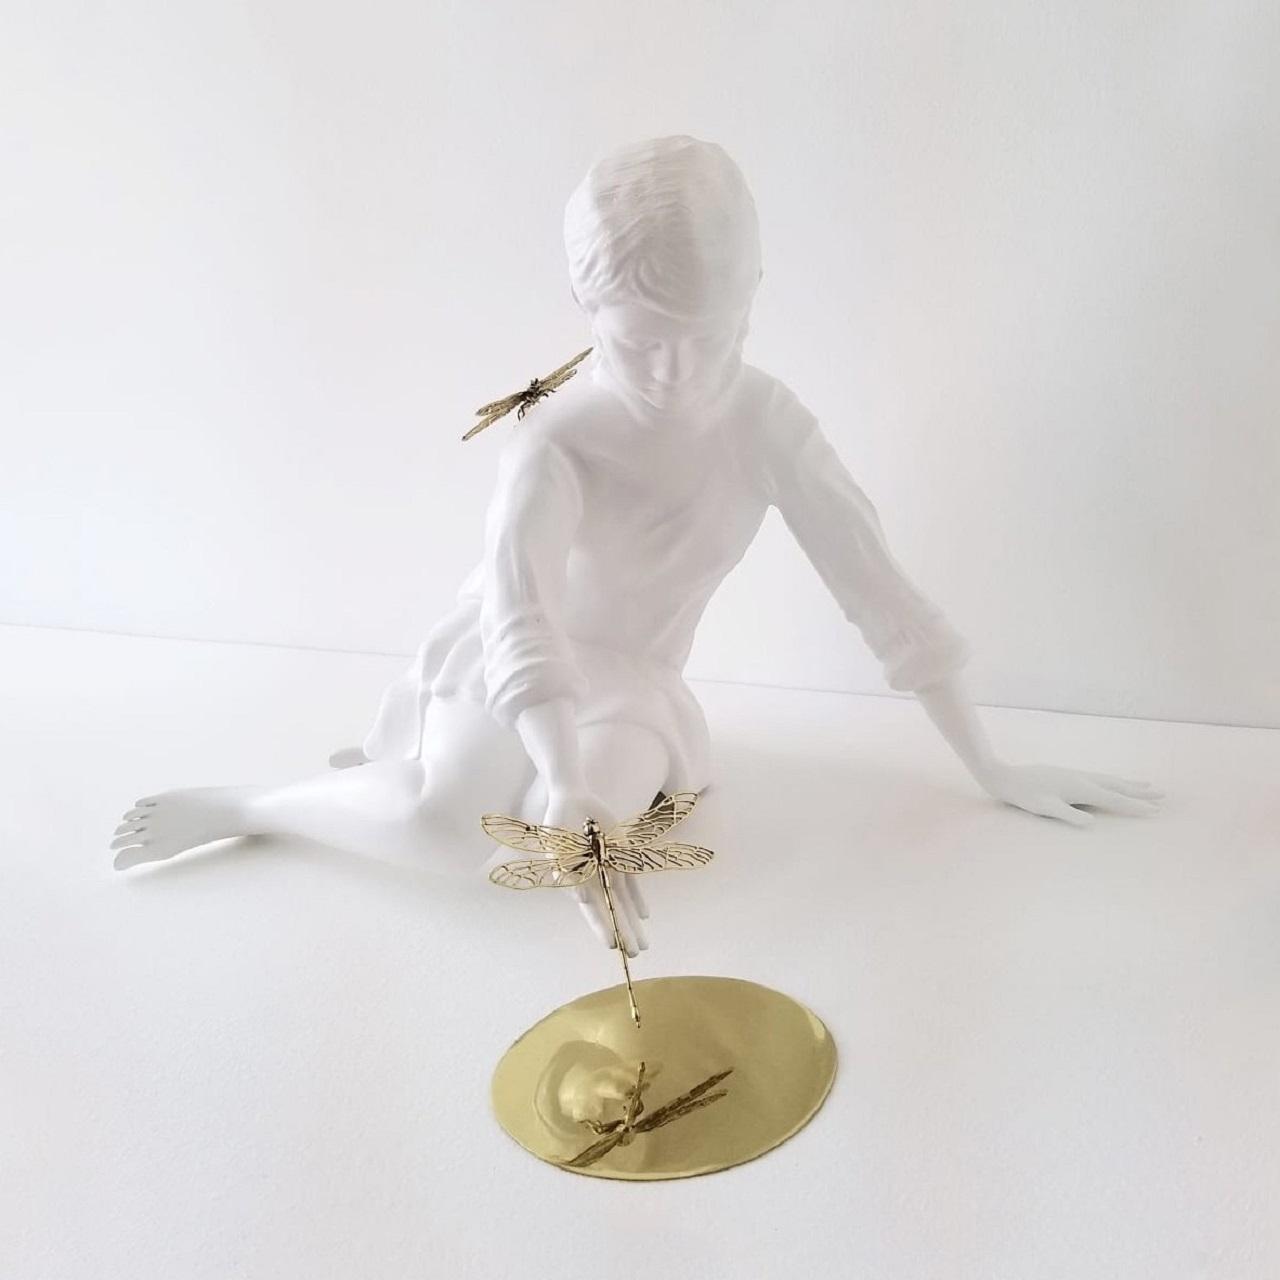 Escultura Consciência e Equilíbrio